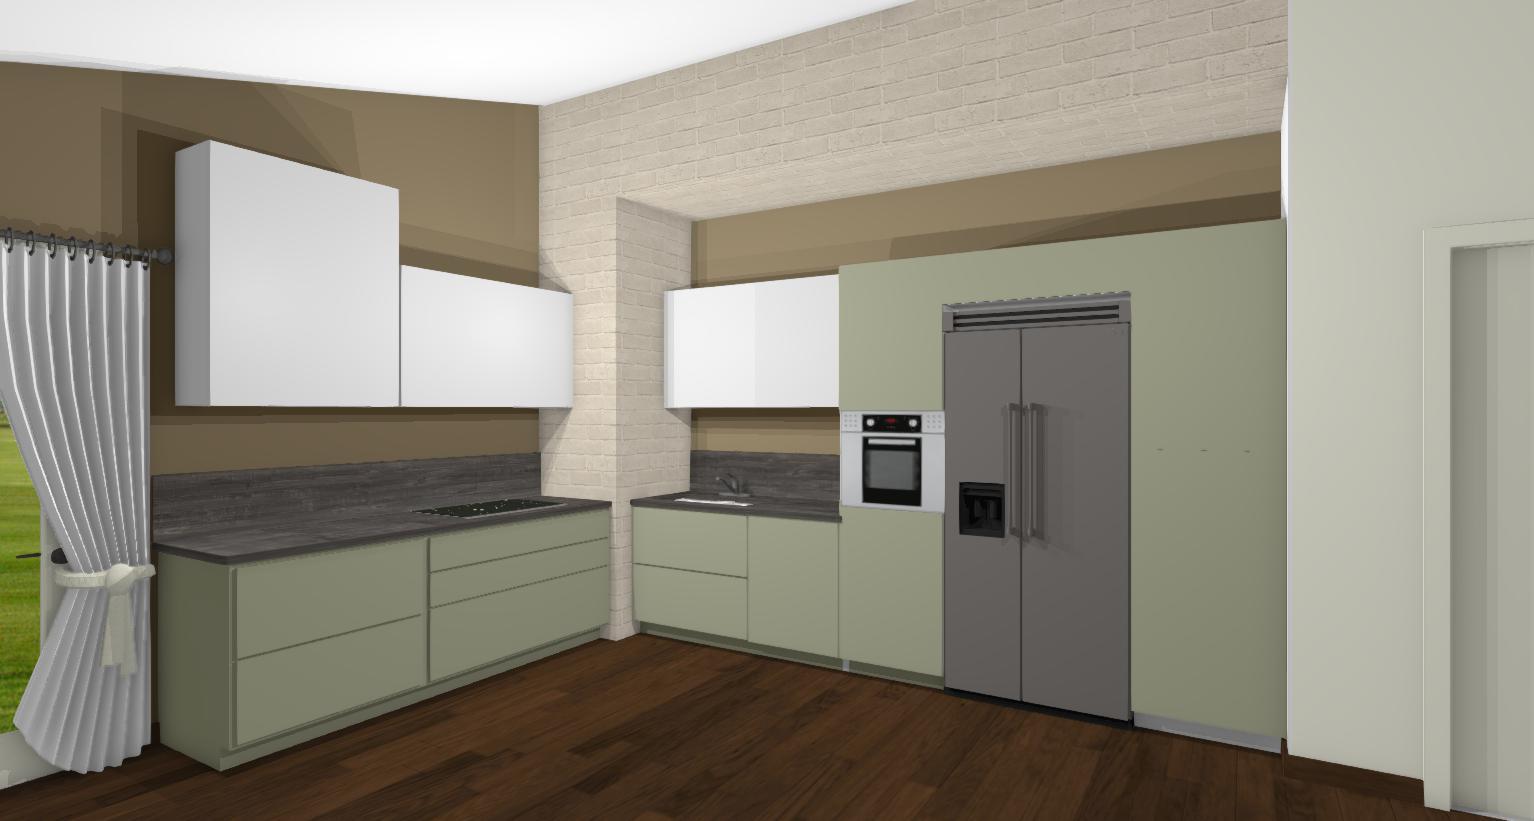 Come trasformare una cucina lineare in angolare - lineatre - kucita ...